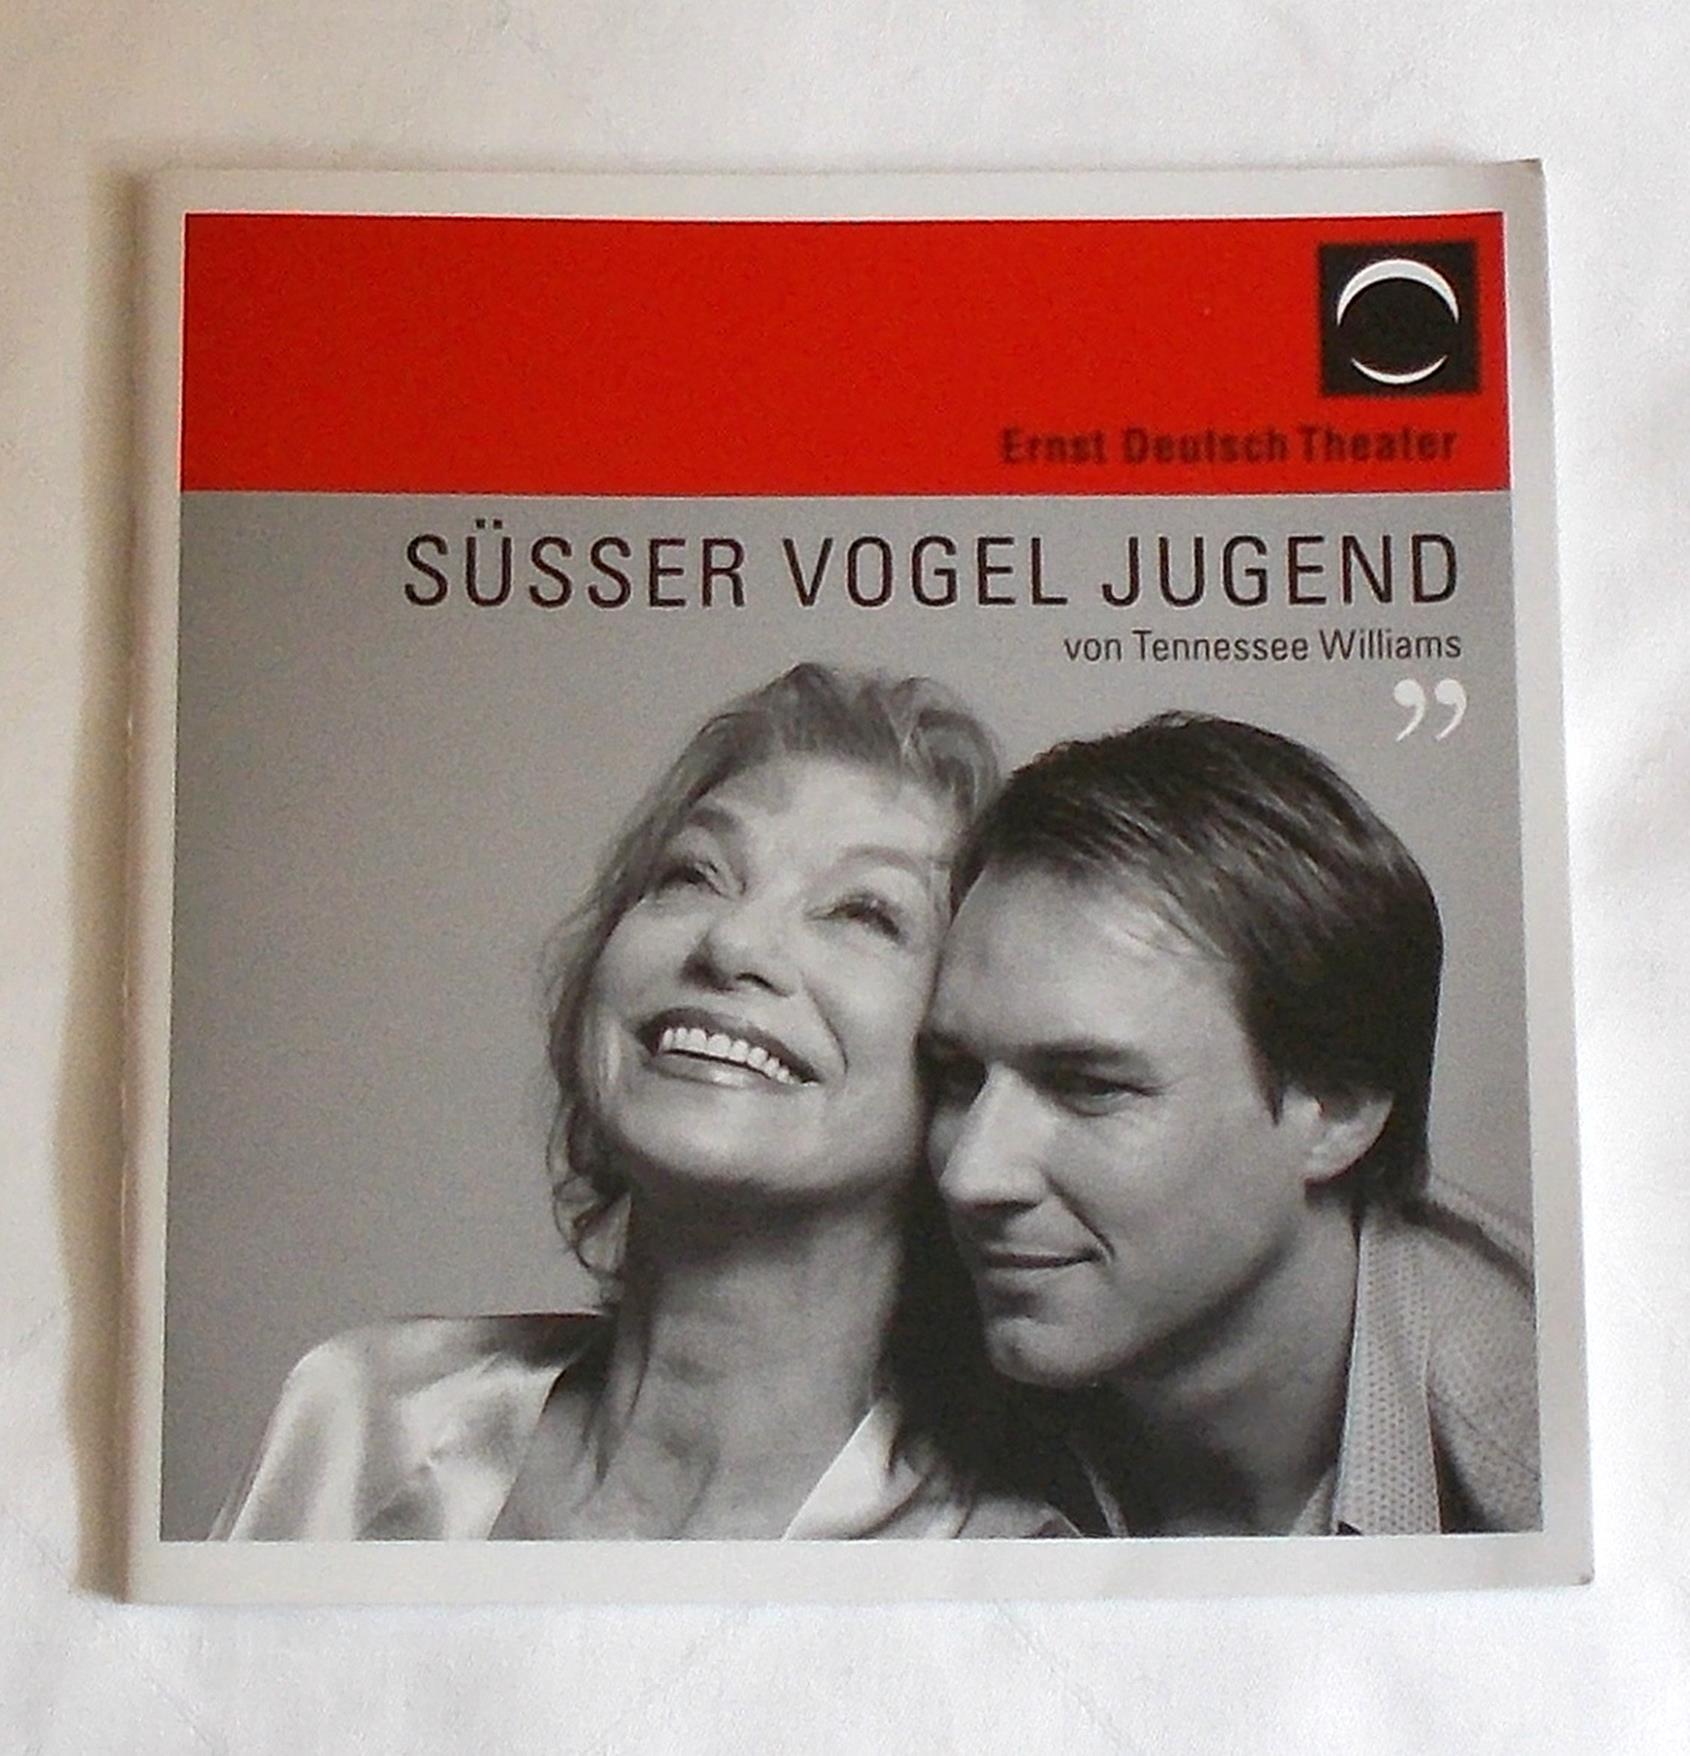 Programmheft Süsser Vogel Jugend Tennessee Williams Ernst Deutsch Theater 2007